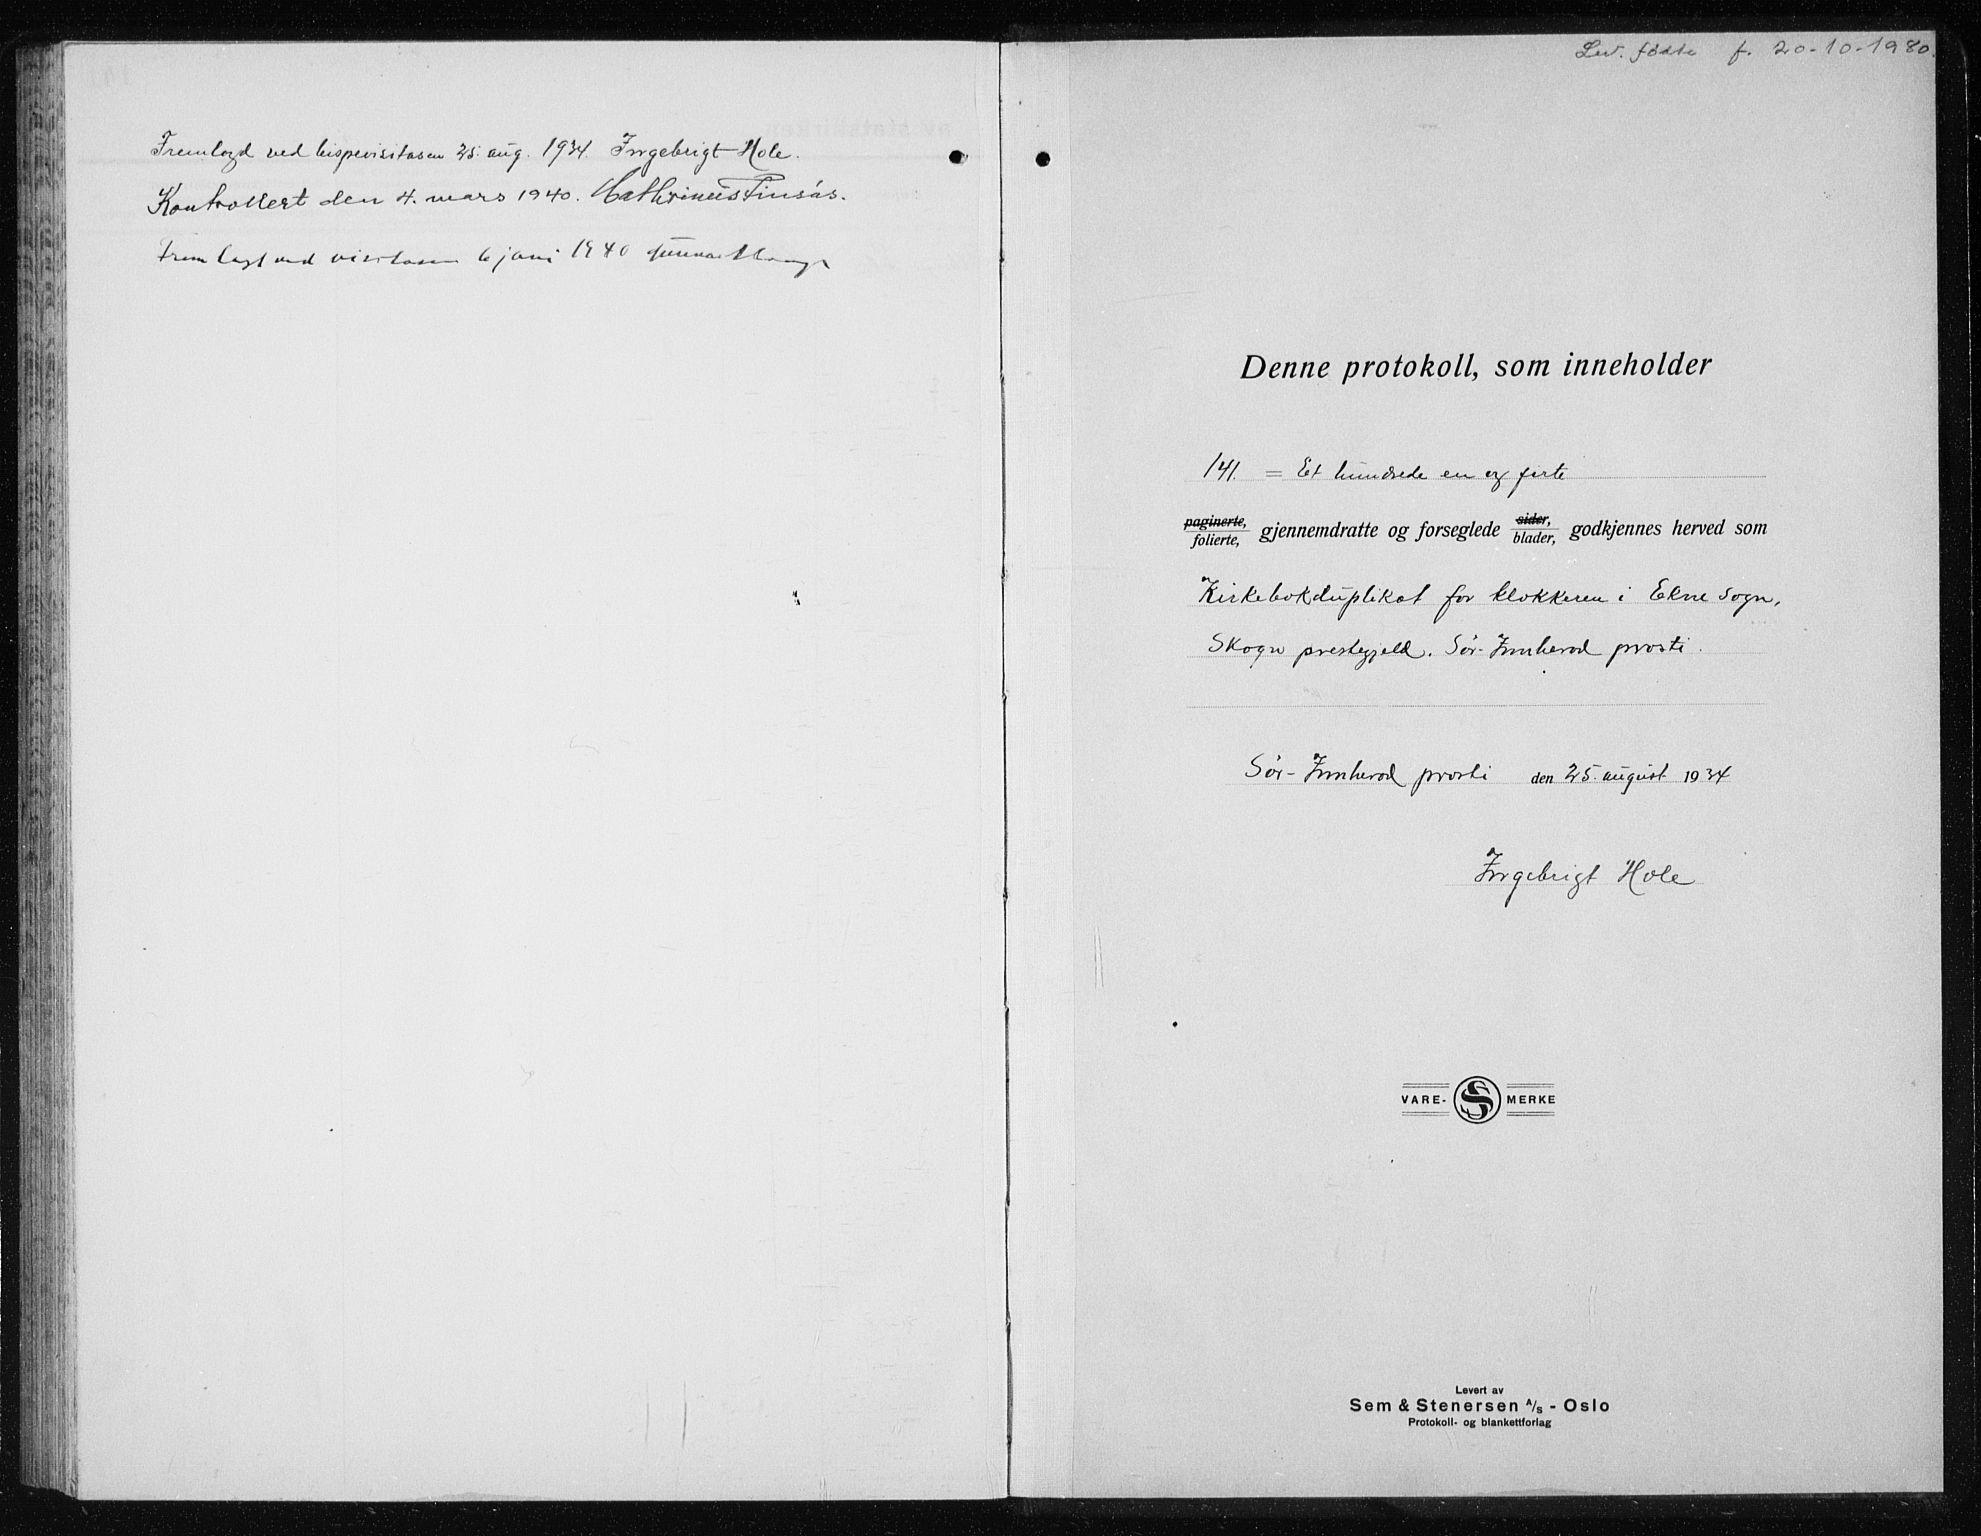 SAT, Ministerialprotokoller, klokkerbøker og fødselsregistre - Nord-Trøndelag, 719/L0180: Klokkerbok nr. 719C01, 1878-1940